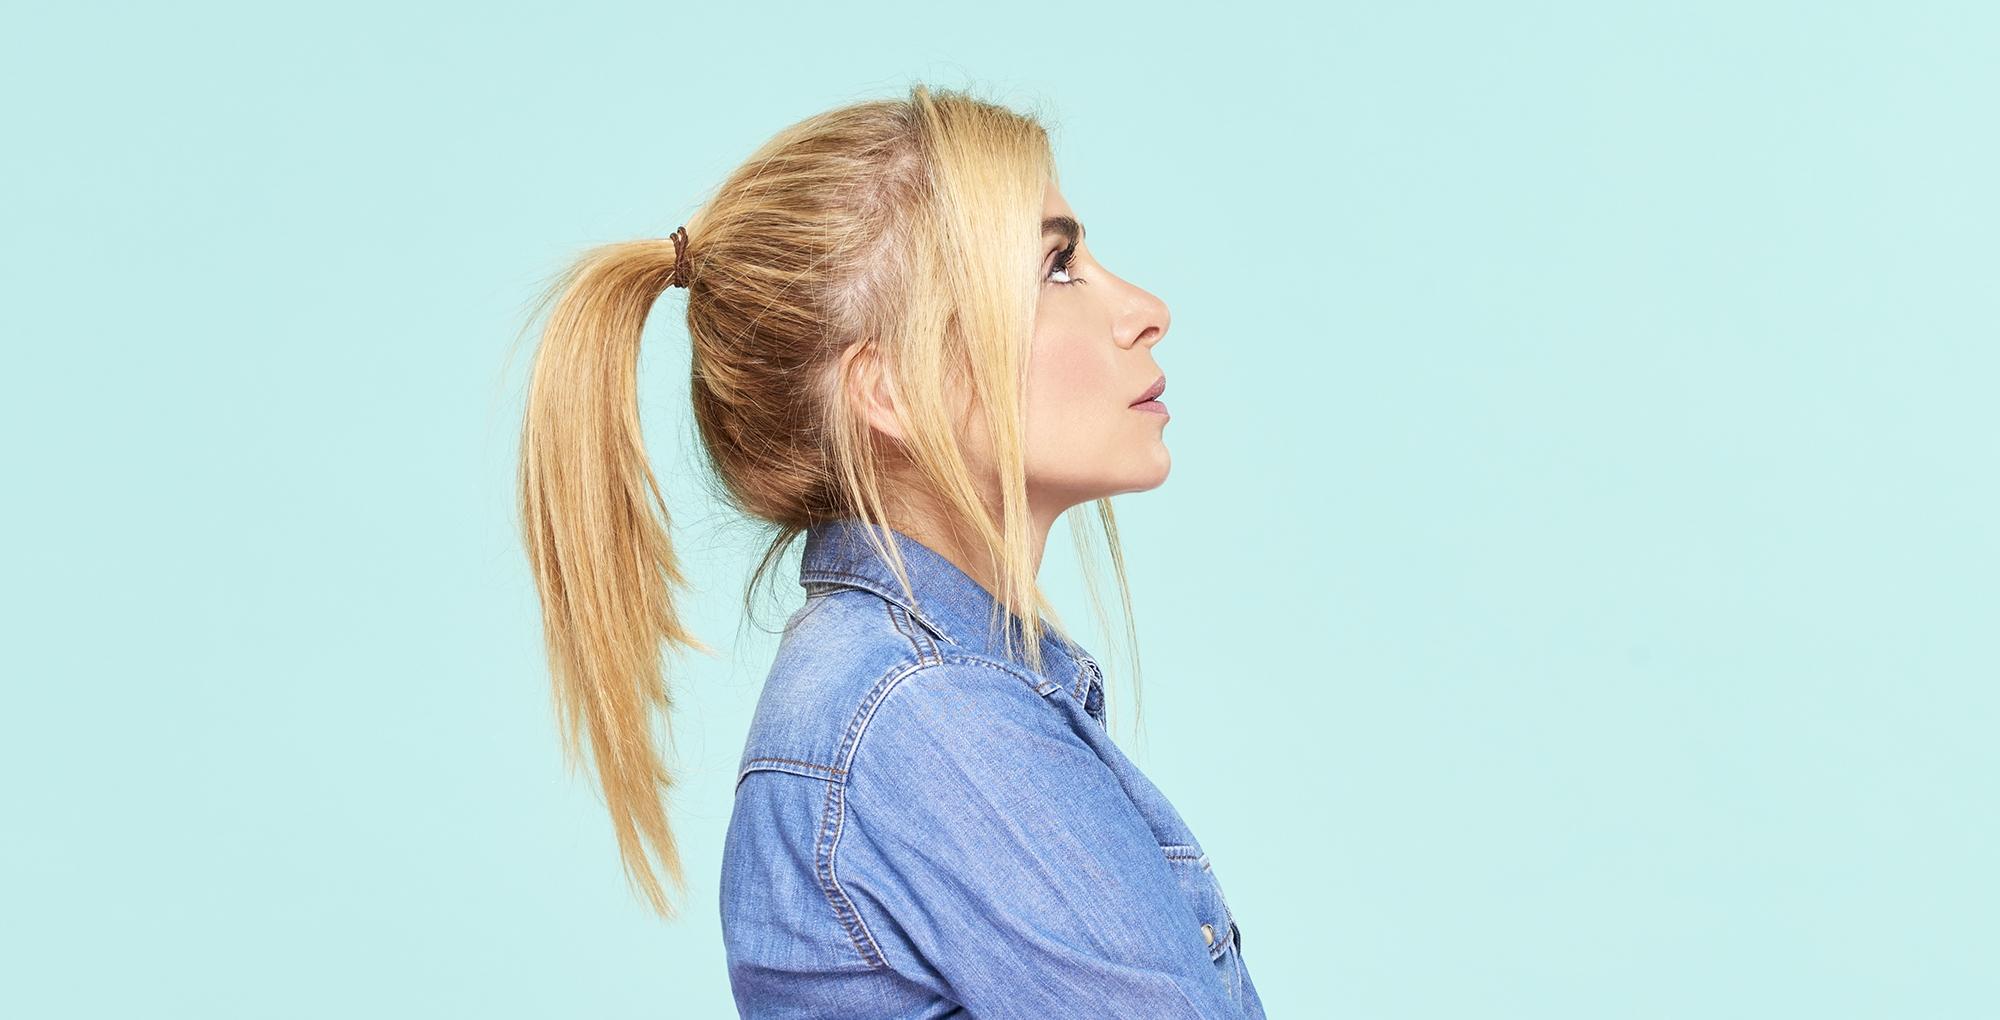 julie zenatti album fragile semaine speciale live actu